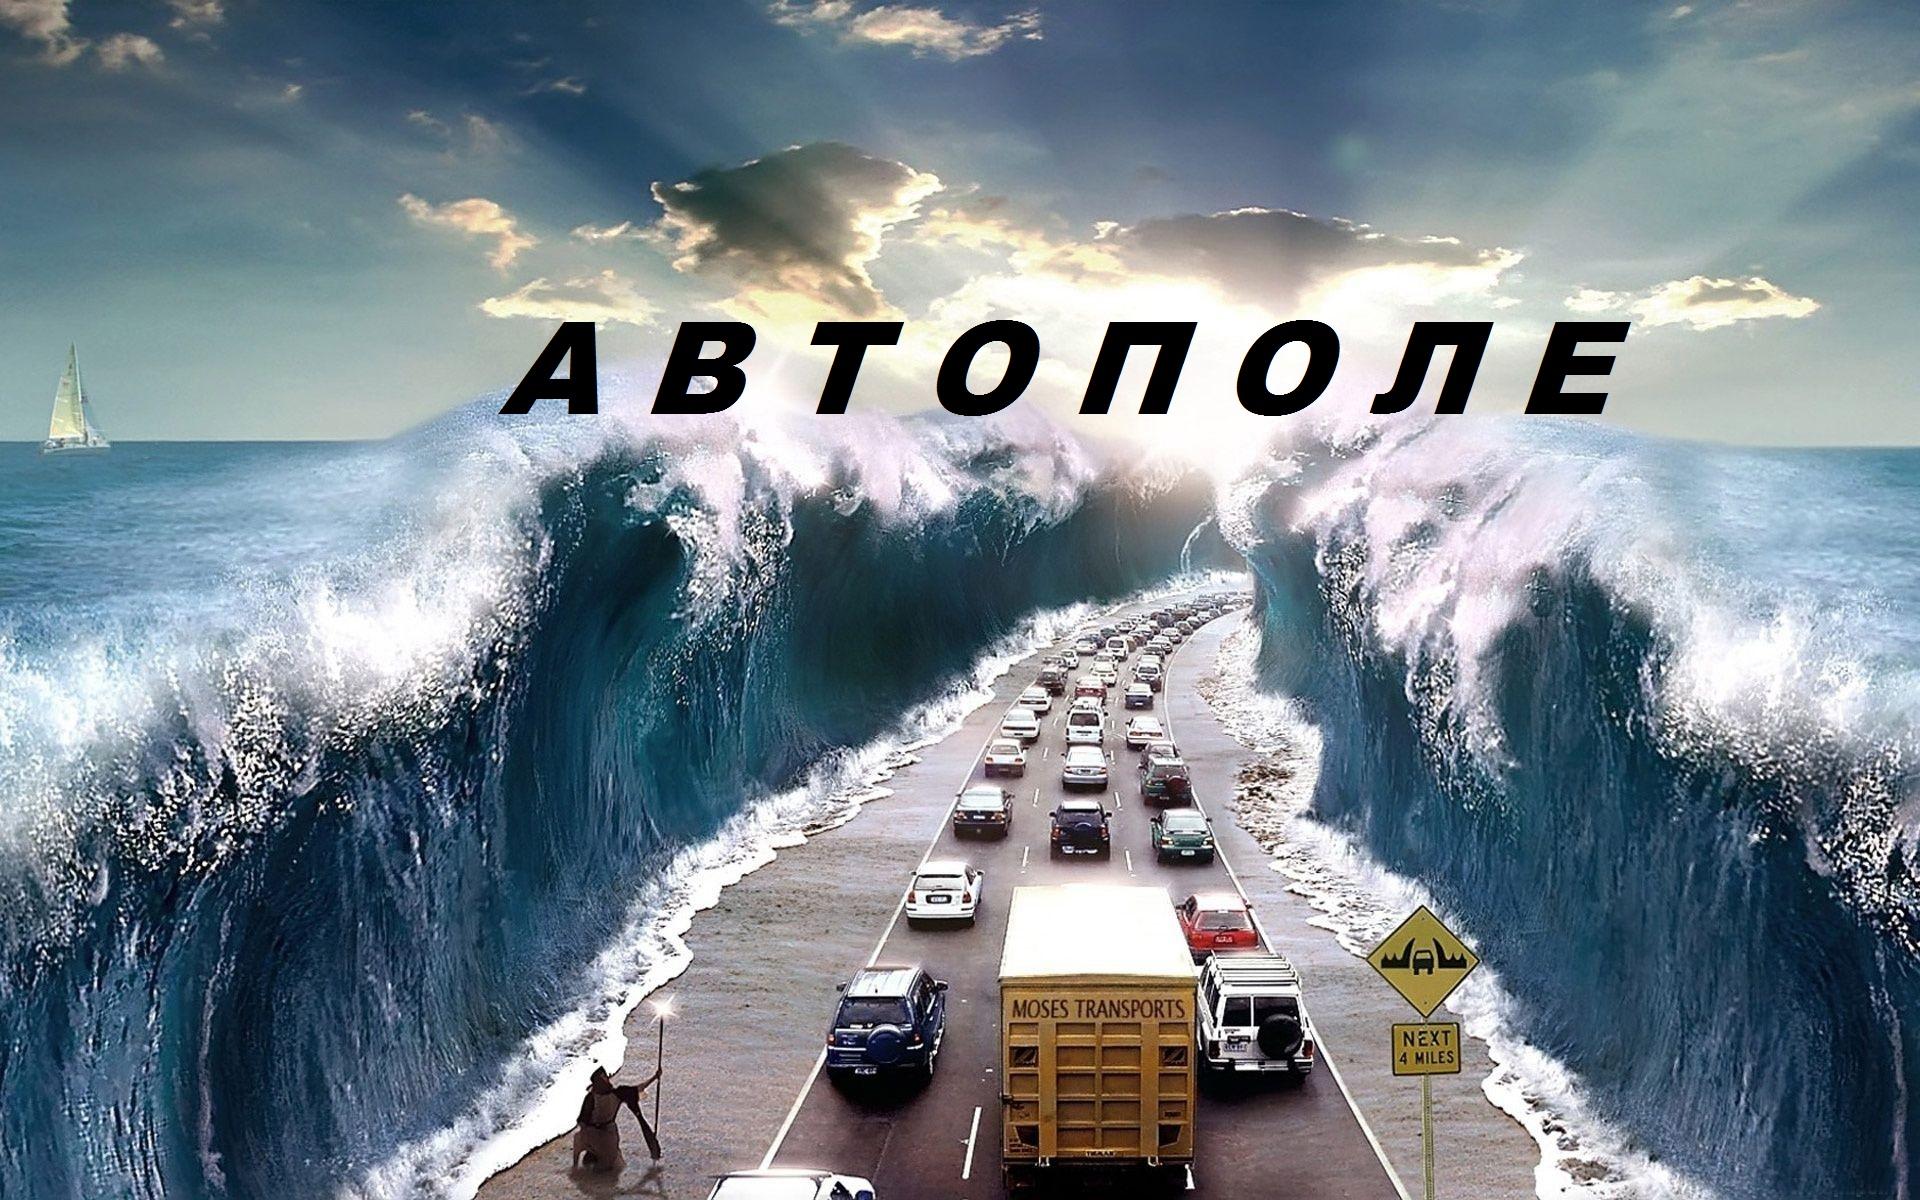 АВТОПОЛЕ ремонт авто - Автосервис АВТОПОЛЕ